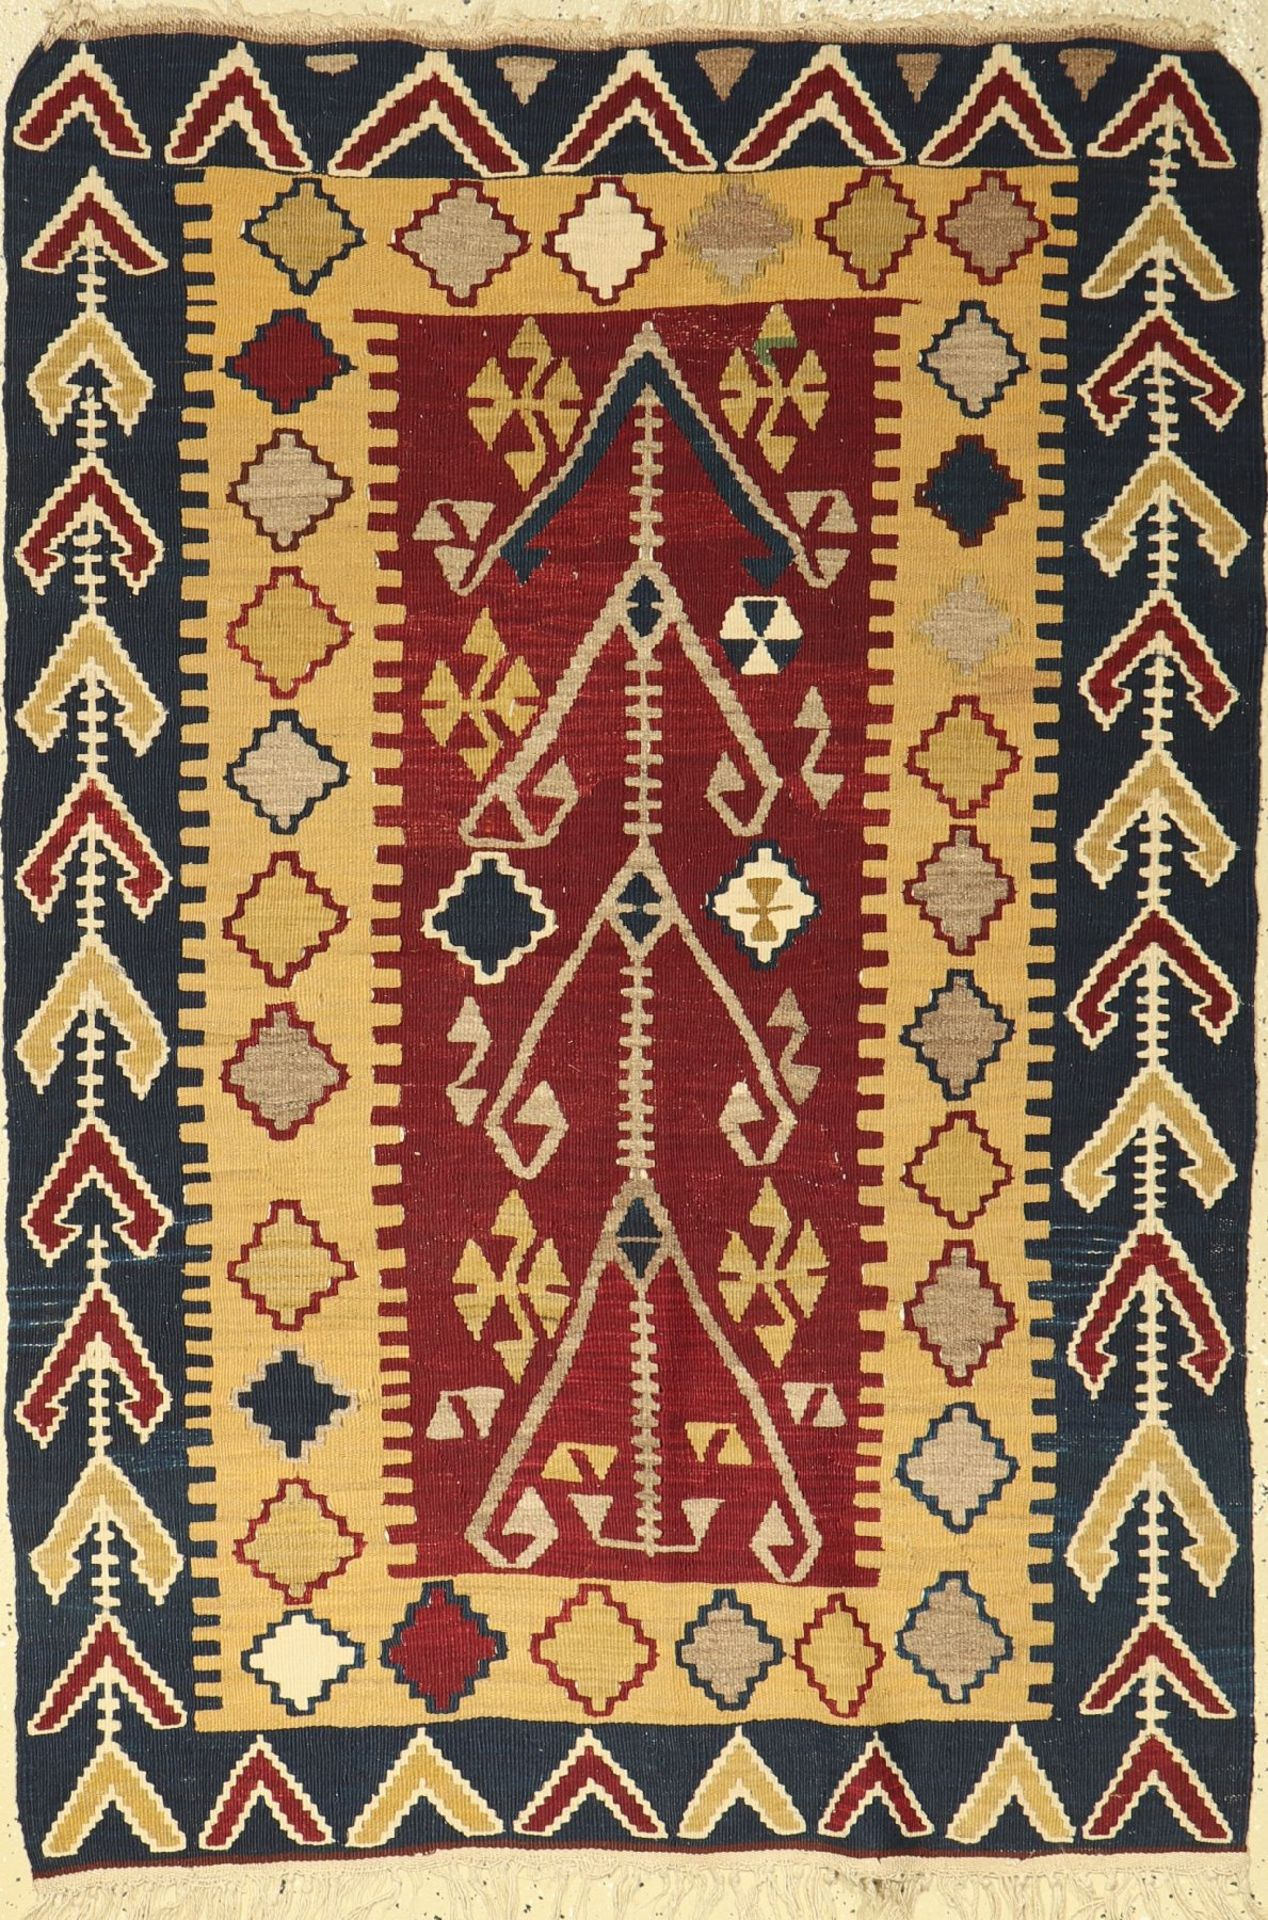 Anatolischer Kelim alt, Türkei, um 1940, Wolle auf Wolle, ca. 153 x 102 cm, EHZ: 2-3